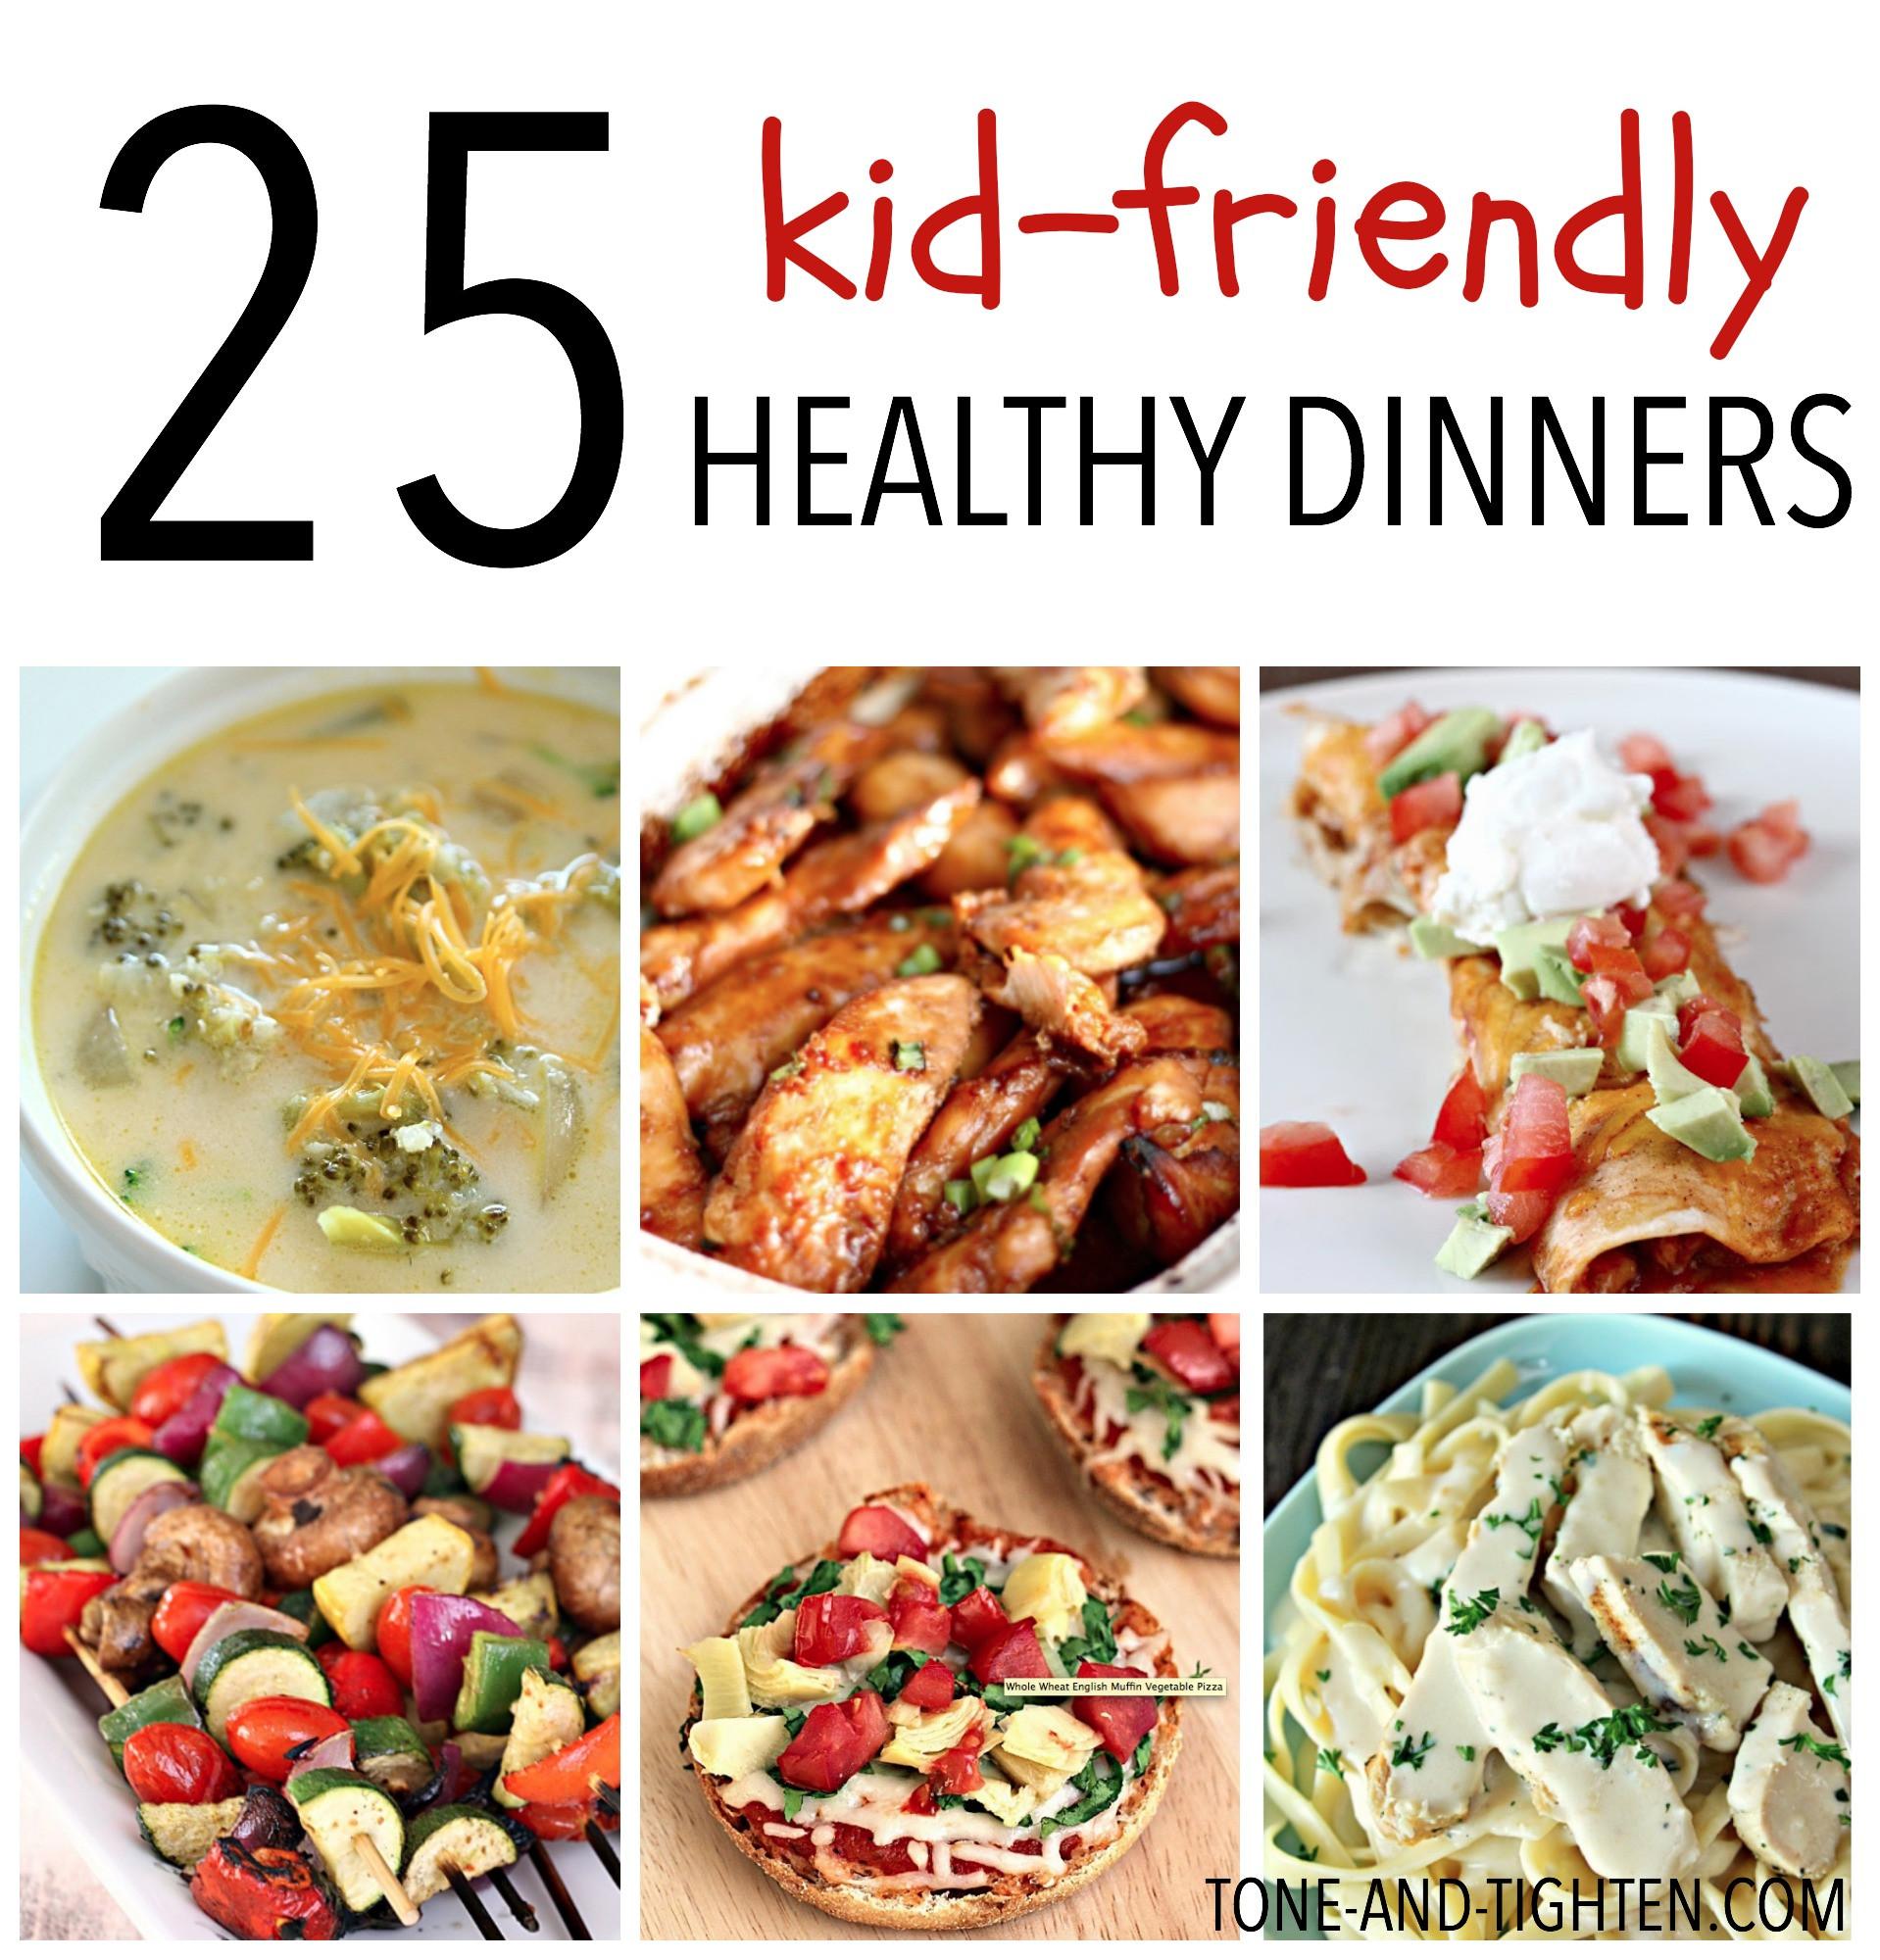 Easy Healthy Kid Dinners  25 Kid Friendly Healthy Dinners